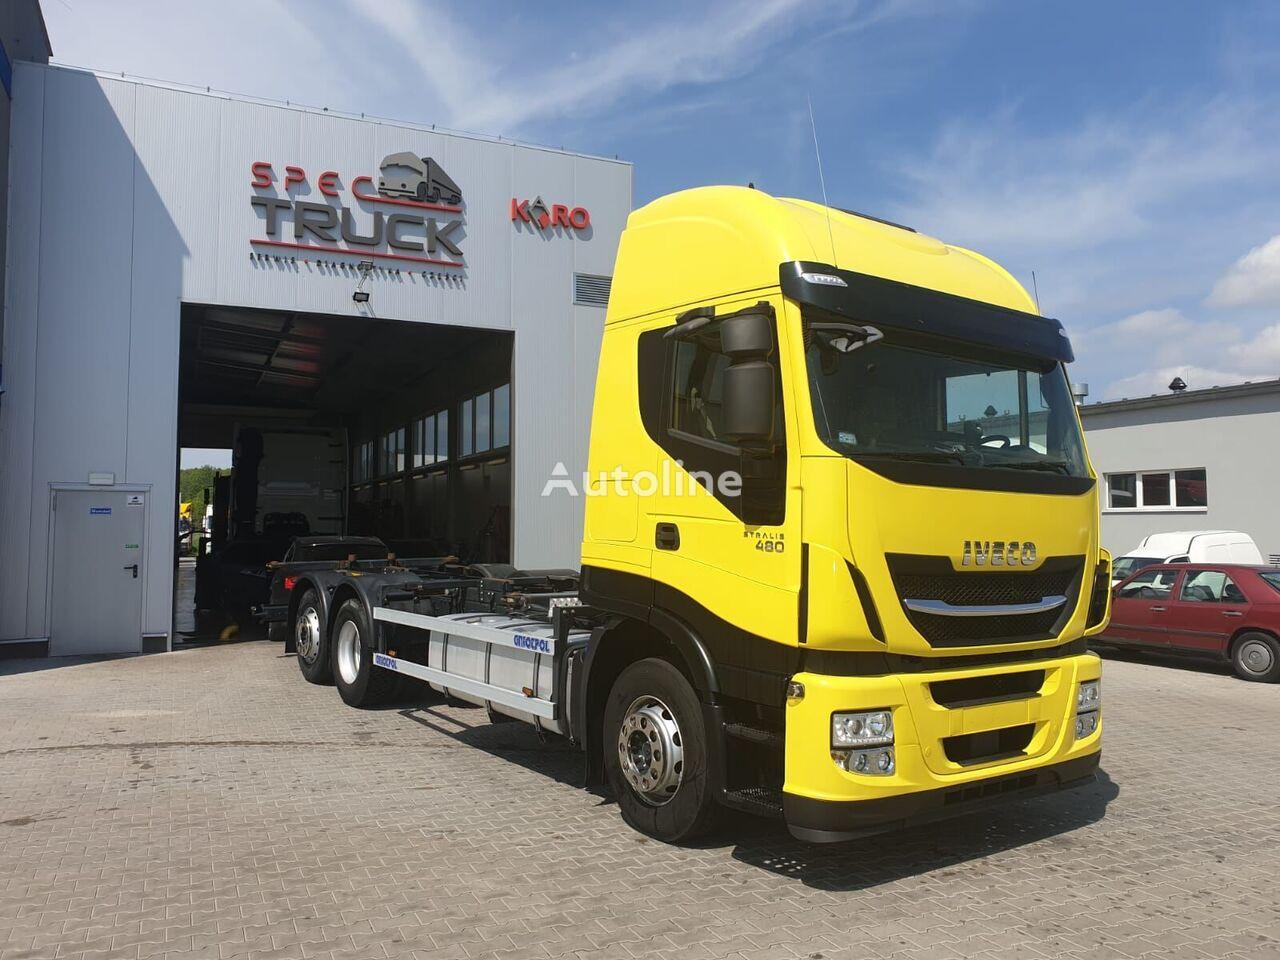 ciężarówka do przewozu kontenerów IVECO Stralis 480, AUTOMAT, CURSOR 11 German Truck, Very clean